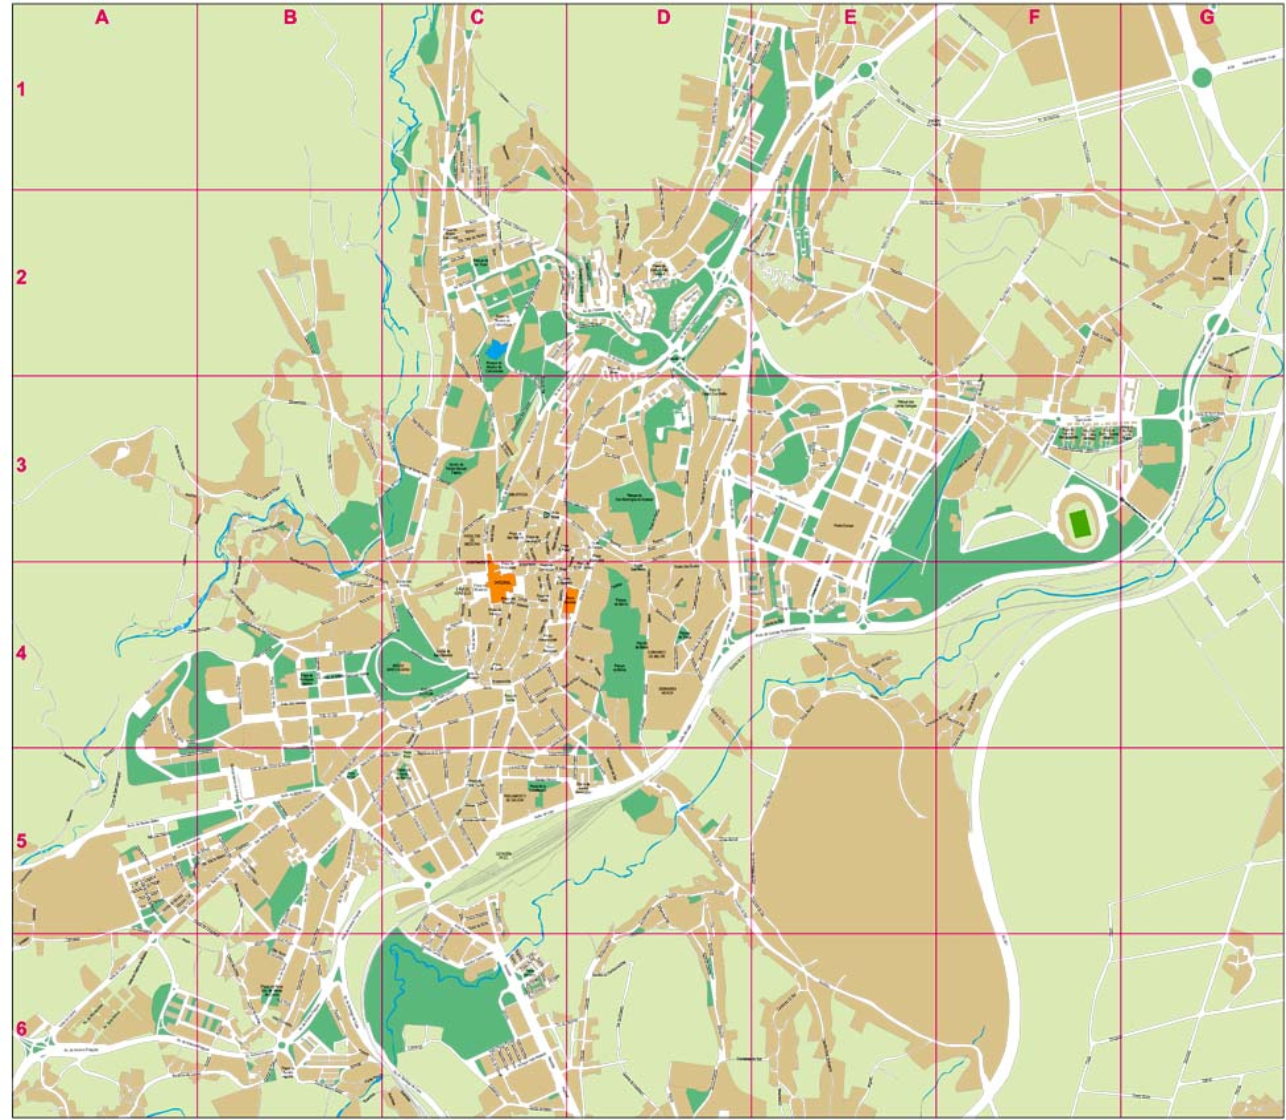 Santiago de Compostela - plano callejero